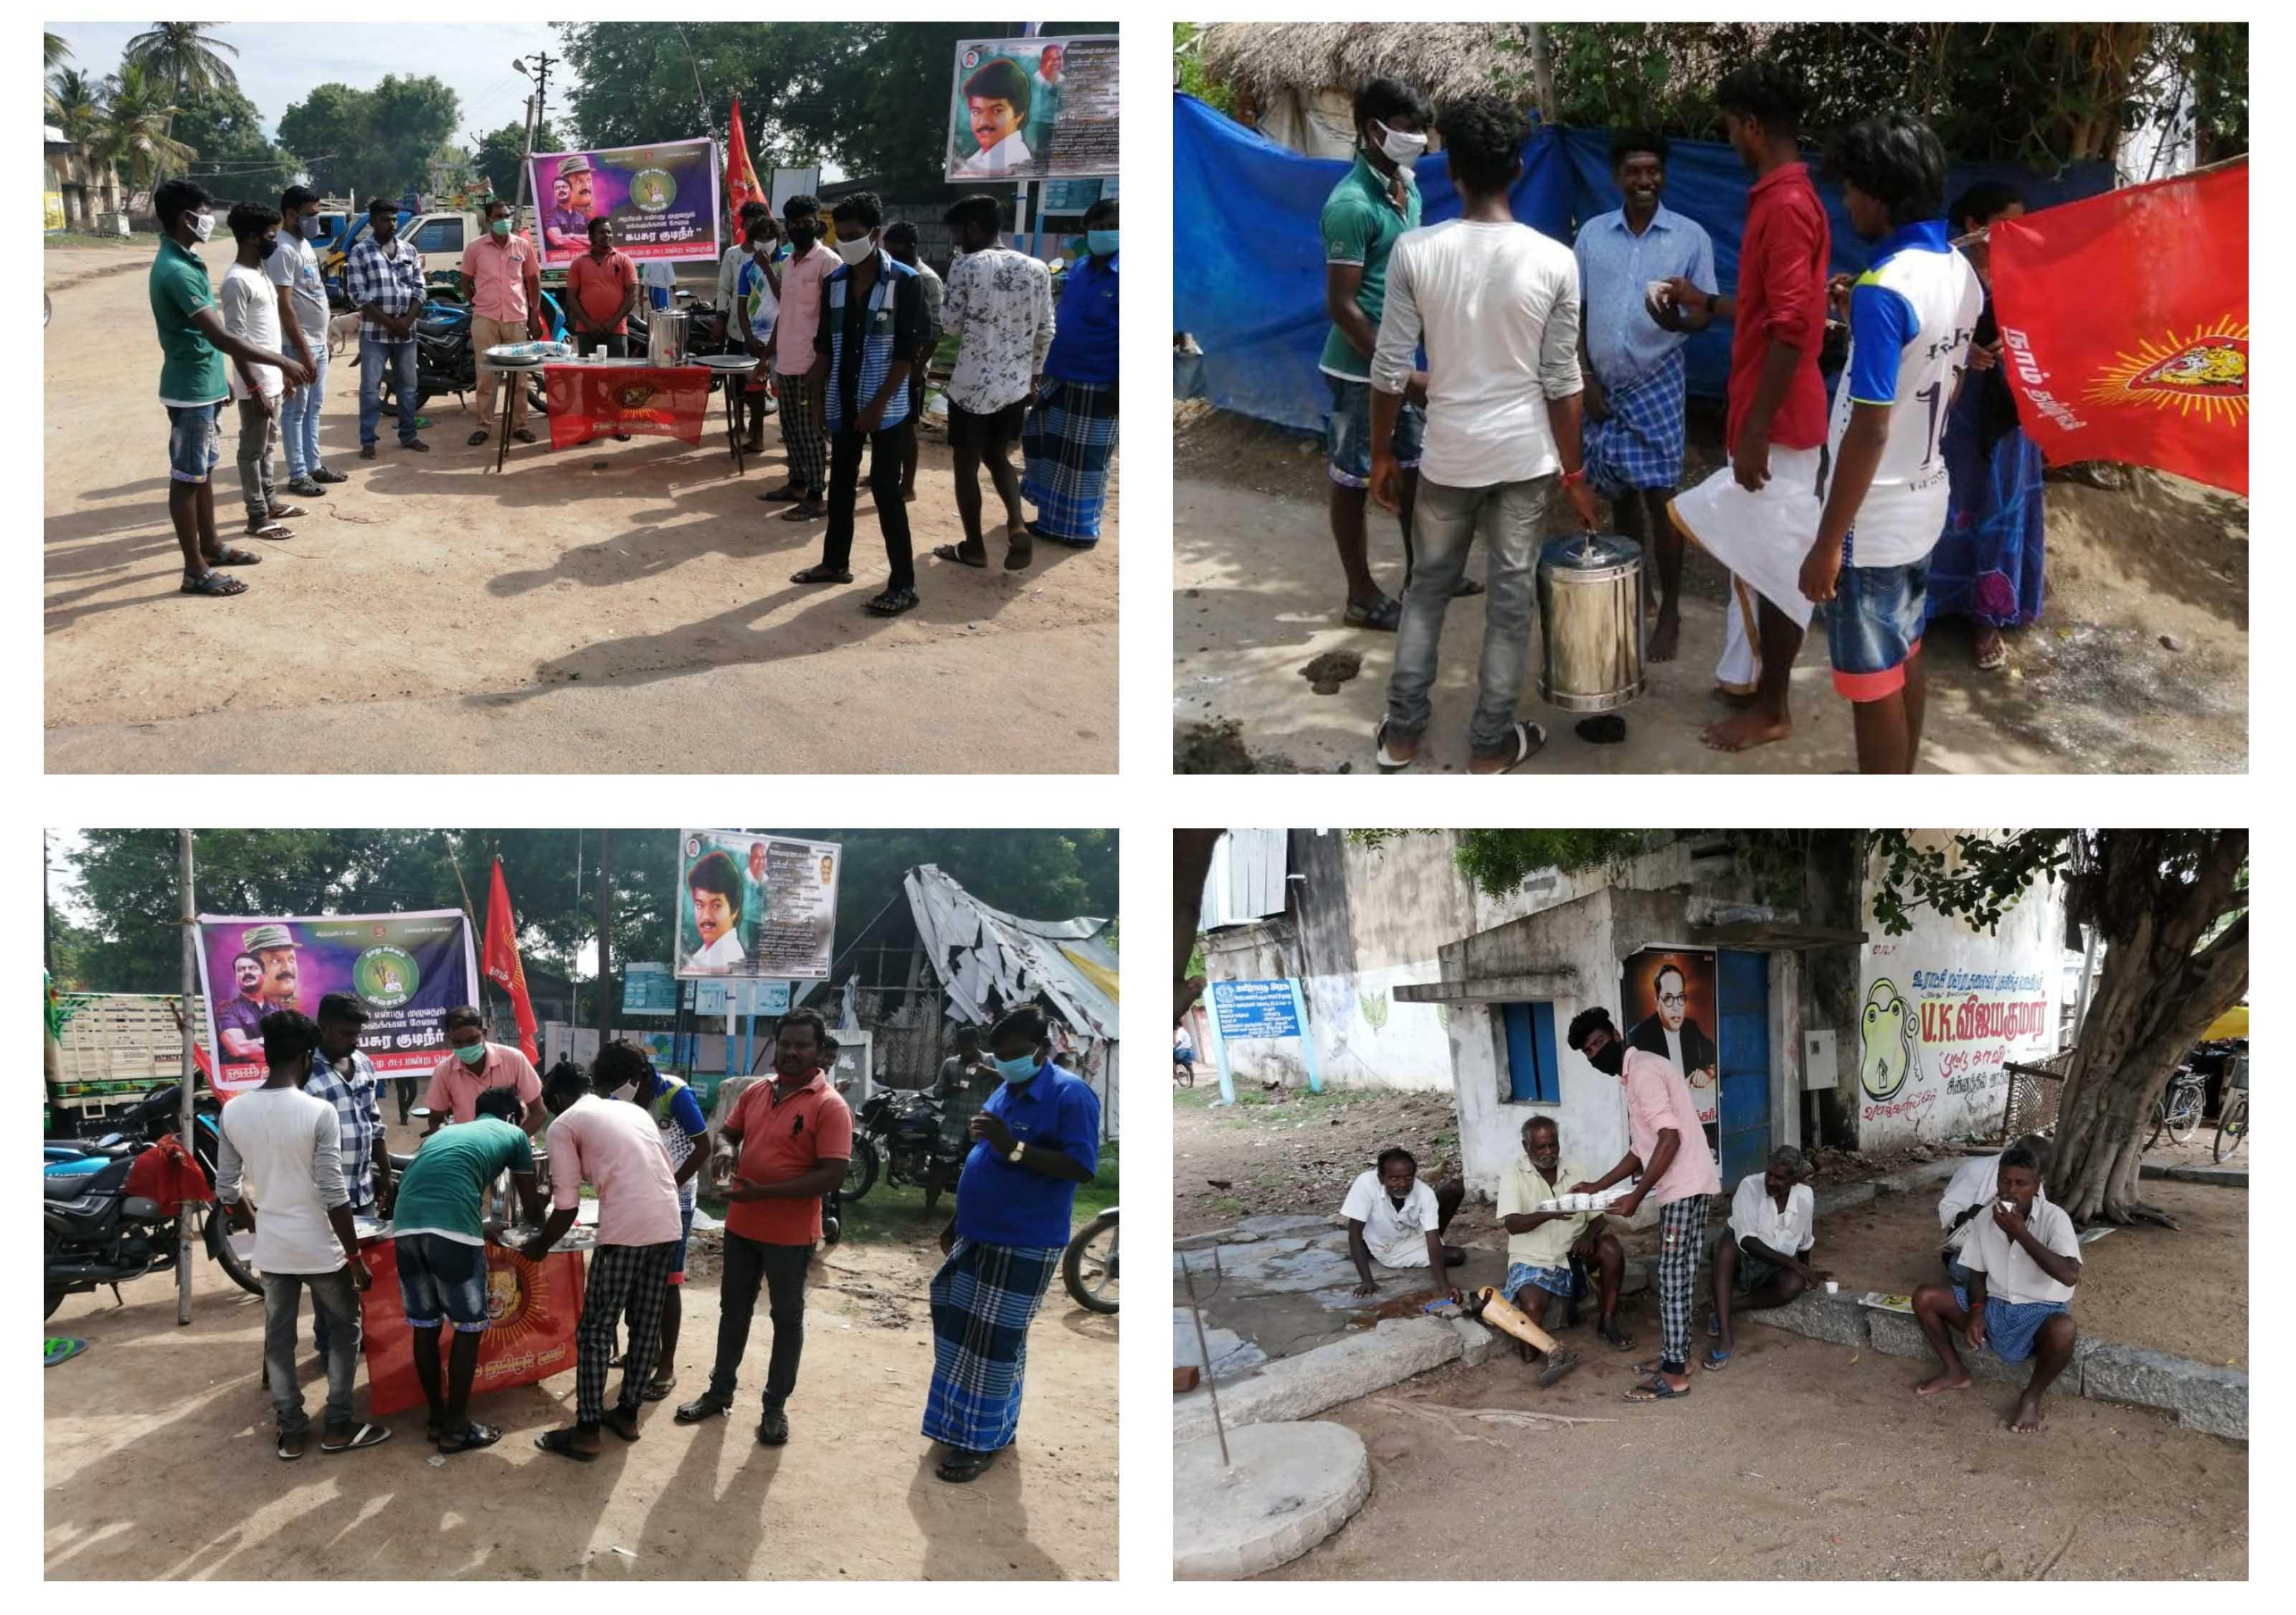 தலைமை அறிவிப்பு: கன்னியாகுமரி மத்திய மாவட்டப் பொறுப்பாளர்கள் நியமனம்